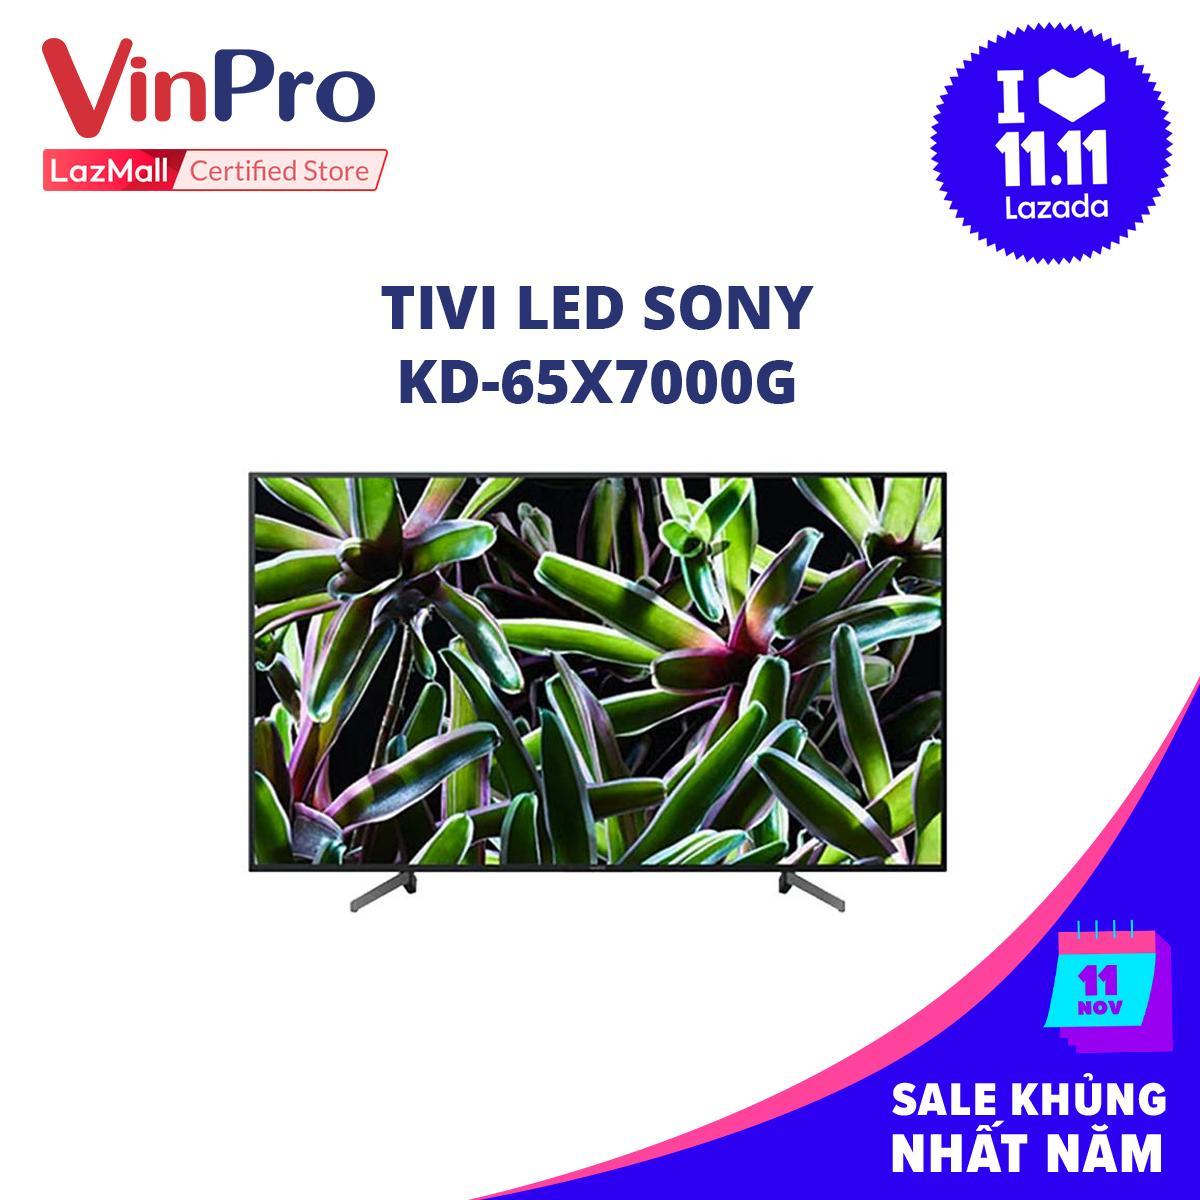 Bảng giá TIVI LED SONY KD-65X7000G